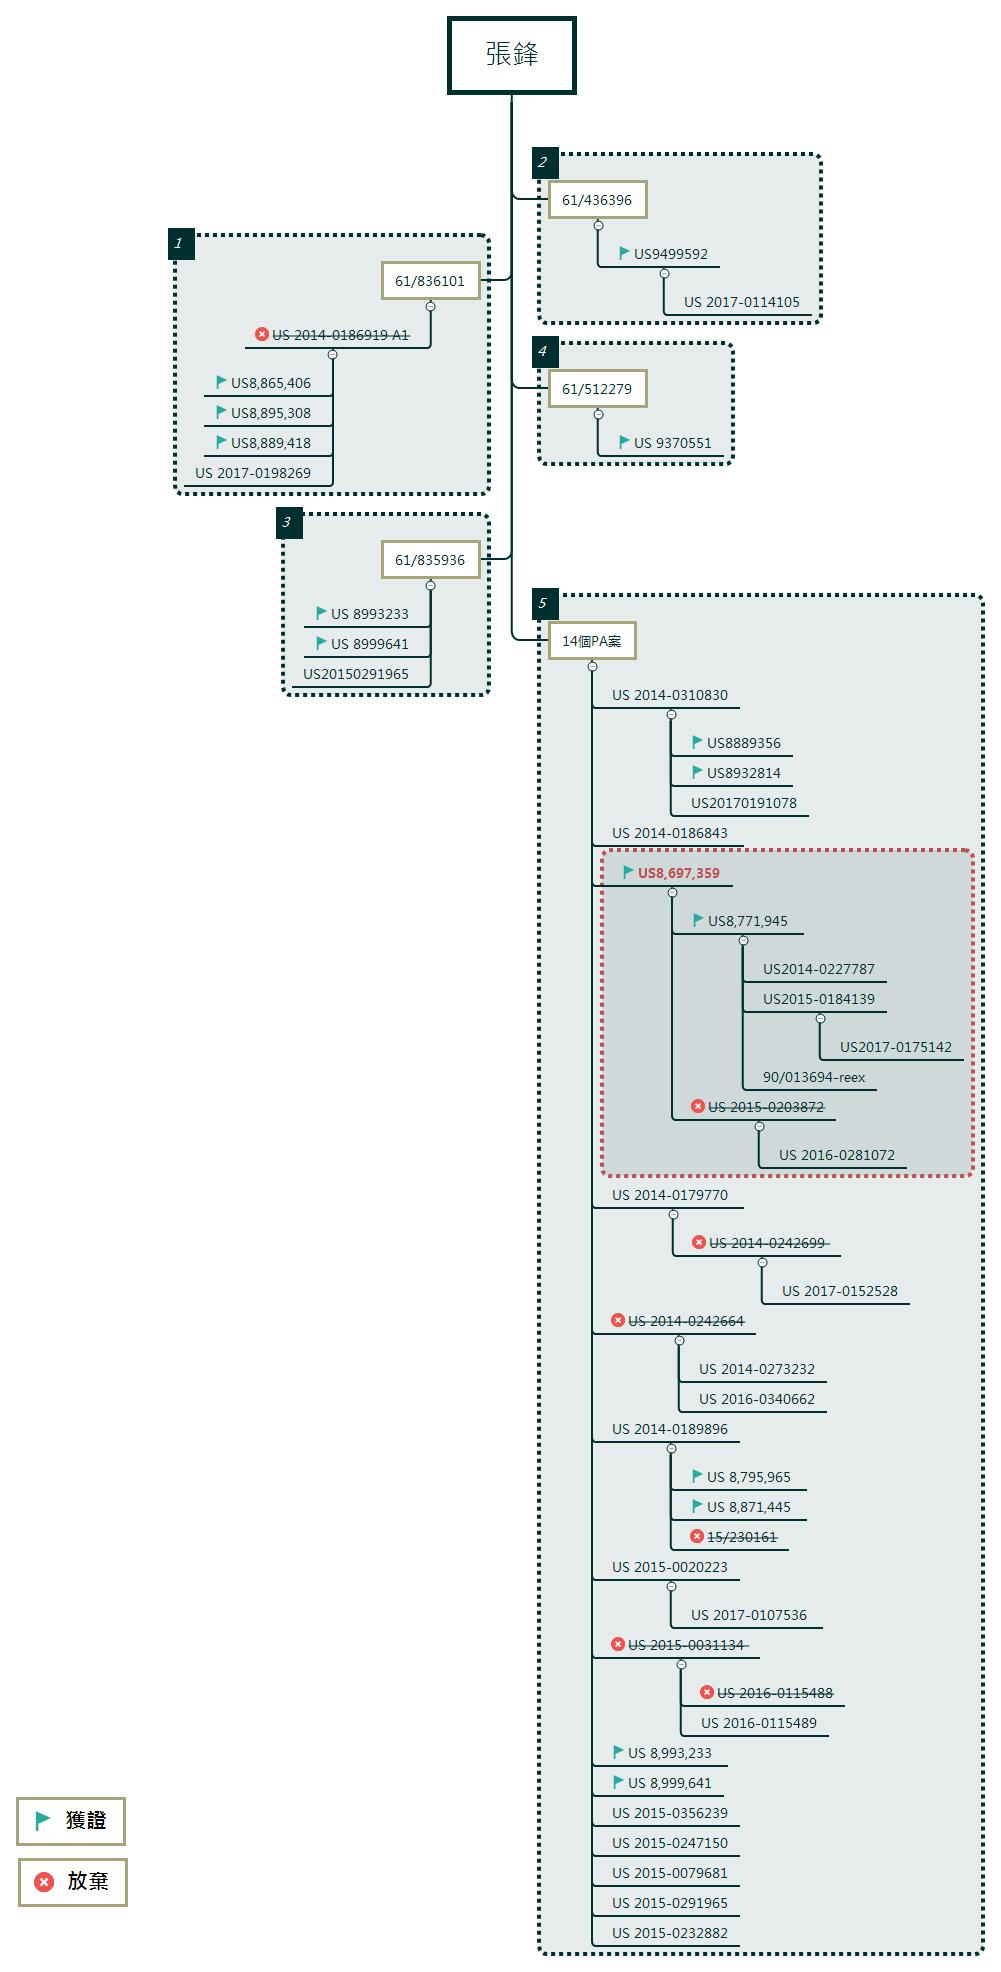 (圖4)張鋒專利布局。資源來源:作者研究整理及繪製。